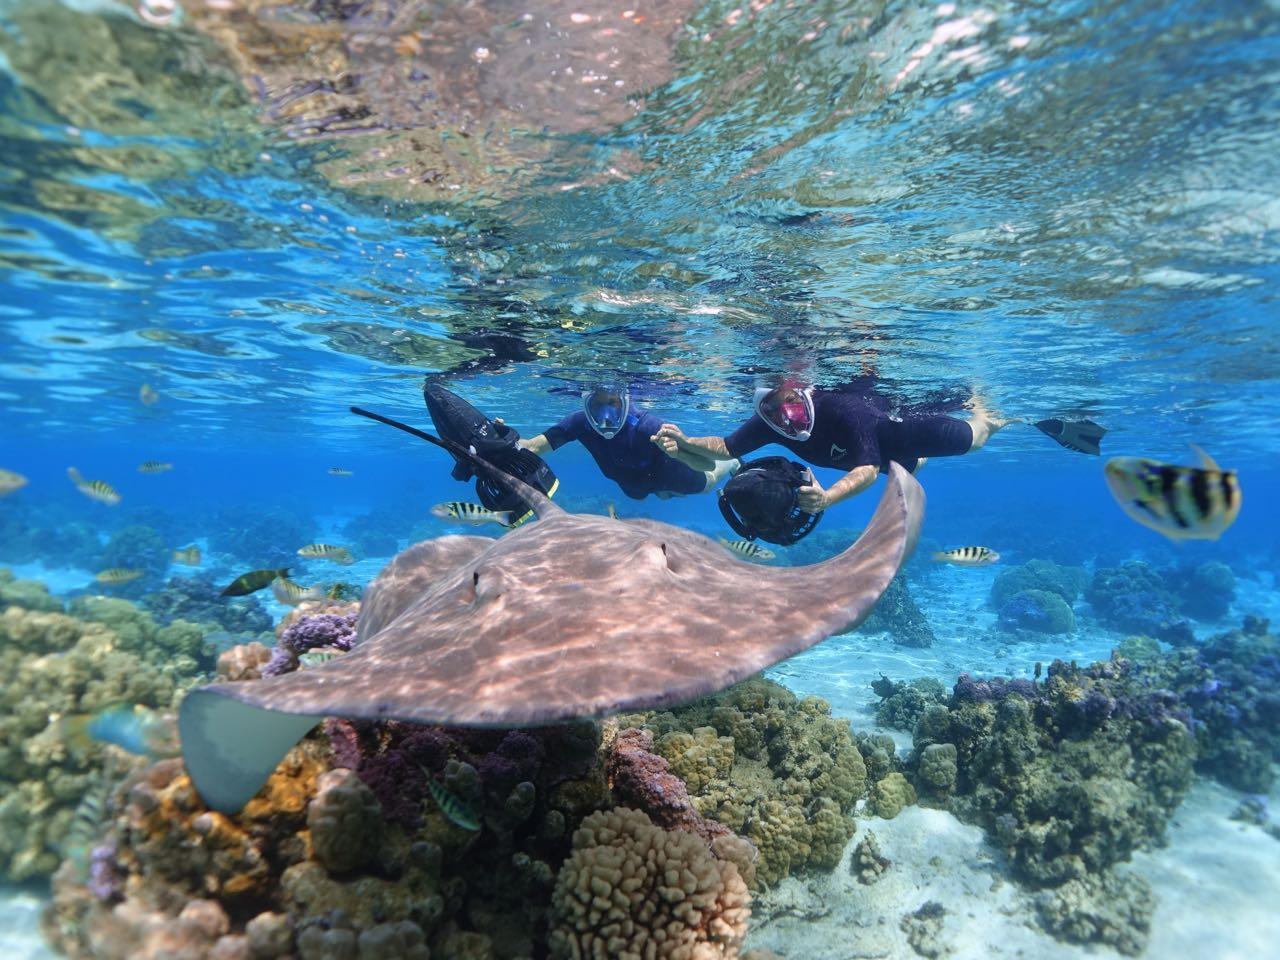 https://tahititourisme.com.au/wp-content/uploads/2020/09/Sea-Scooter-Snorkeling-Tour-à-moorea-copie-2.jpg